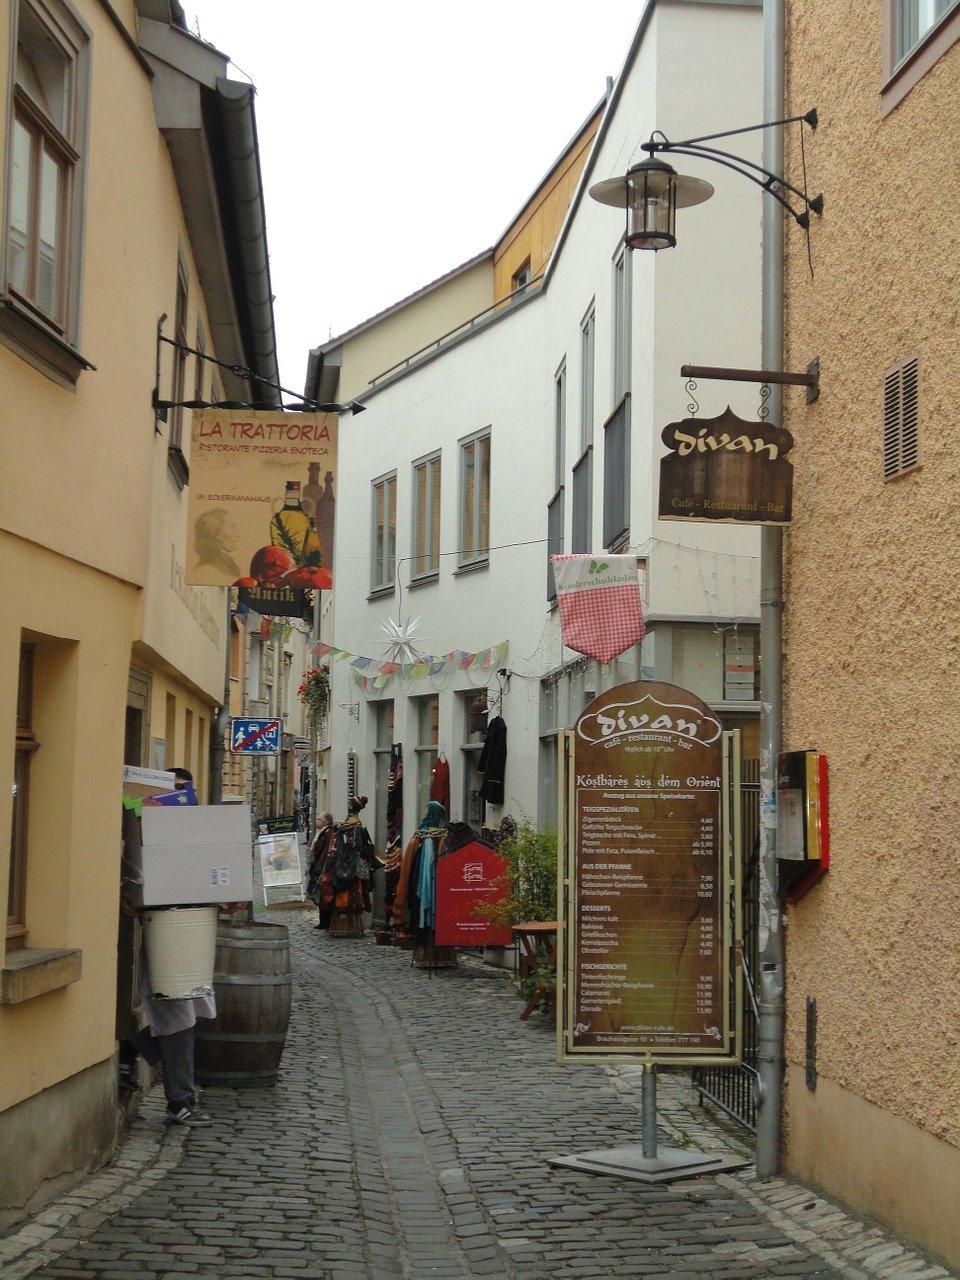 rue castellina in chianti